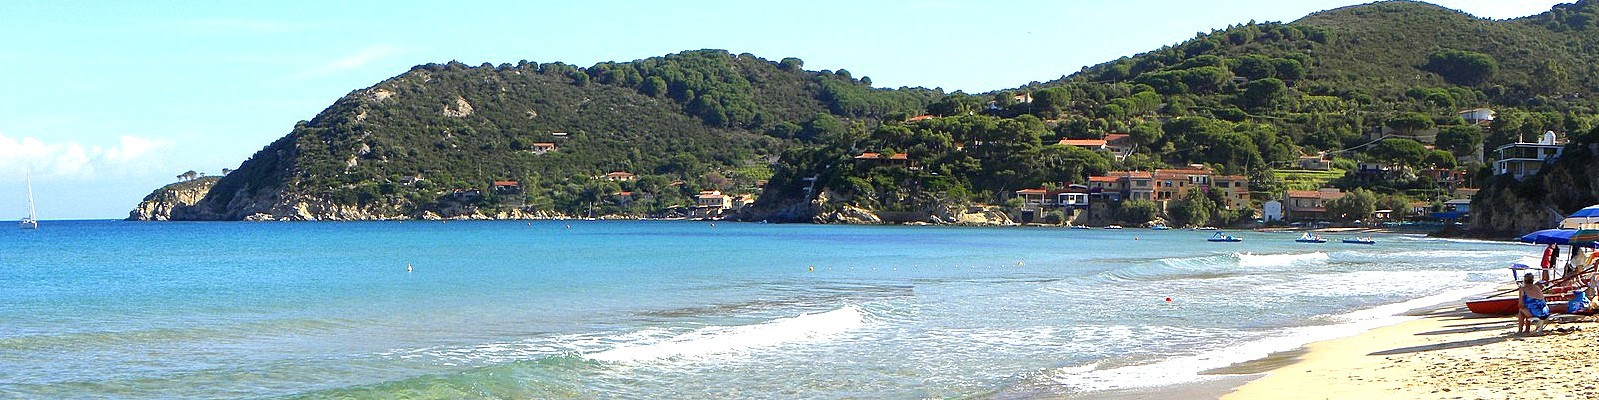 Záliv Biodola, pohled z pláže La Biodola na pláže Scaglieri a vlevo Forno